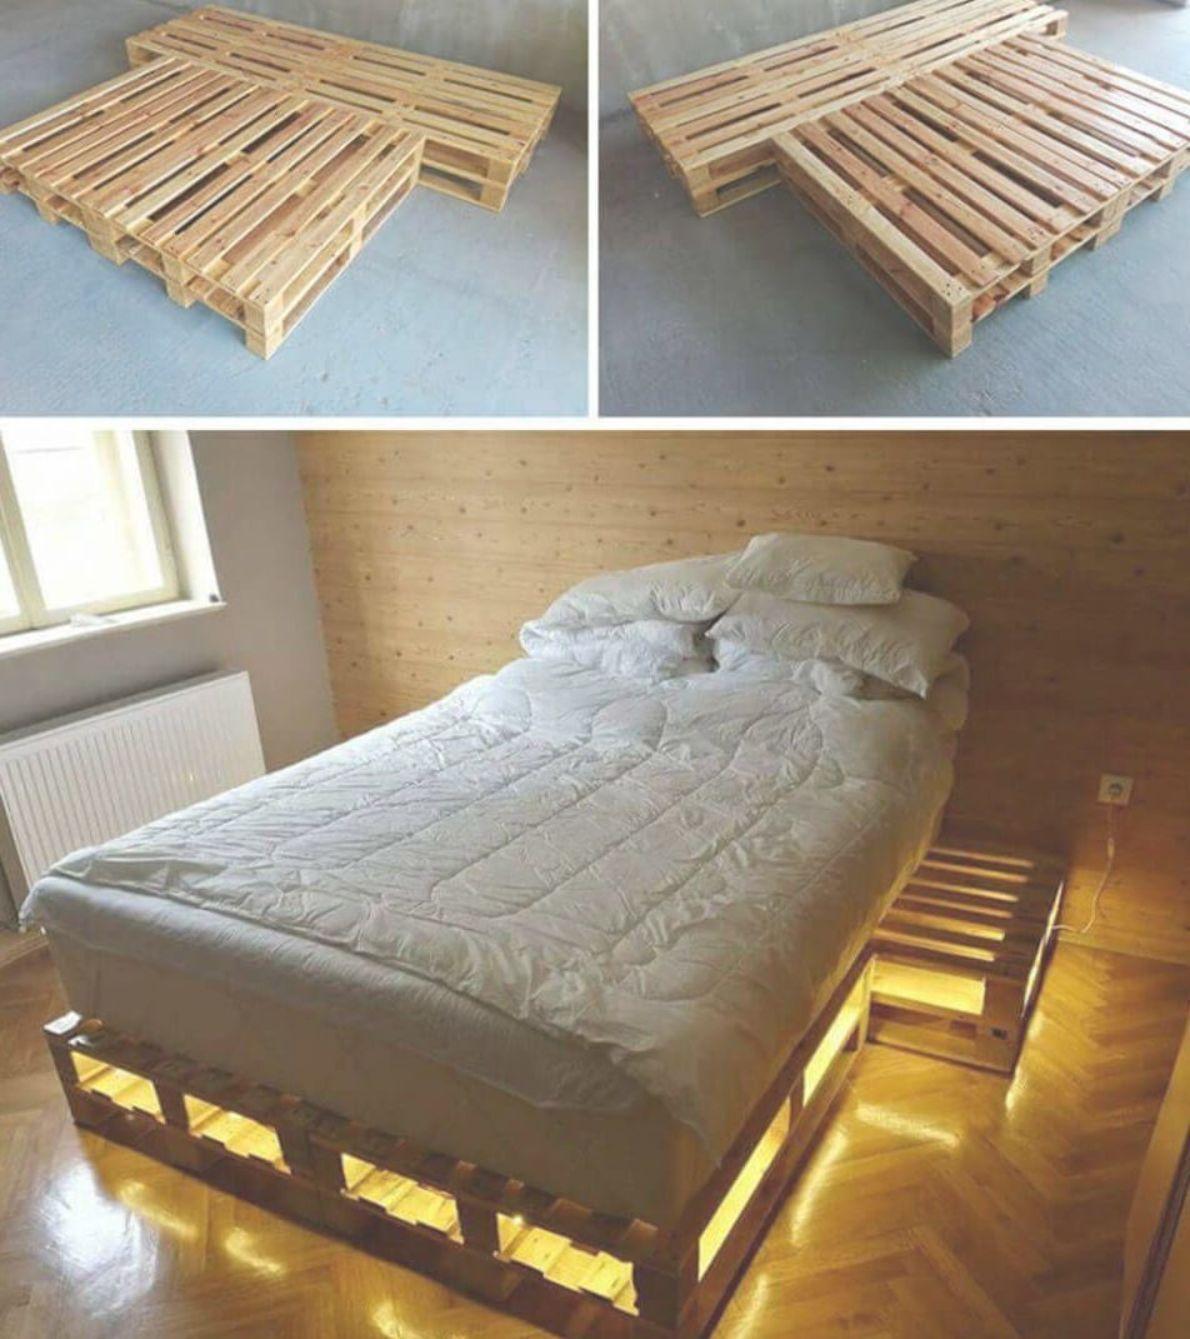 Cool Pallet Bed Frame With Lights Diybedframe Platformbedframe